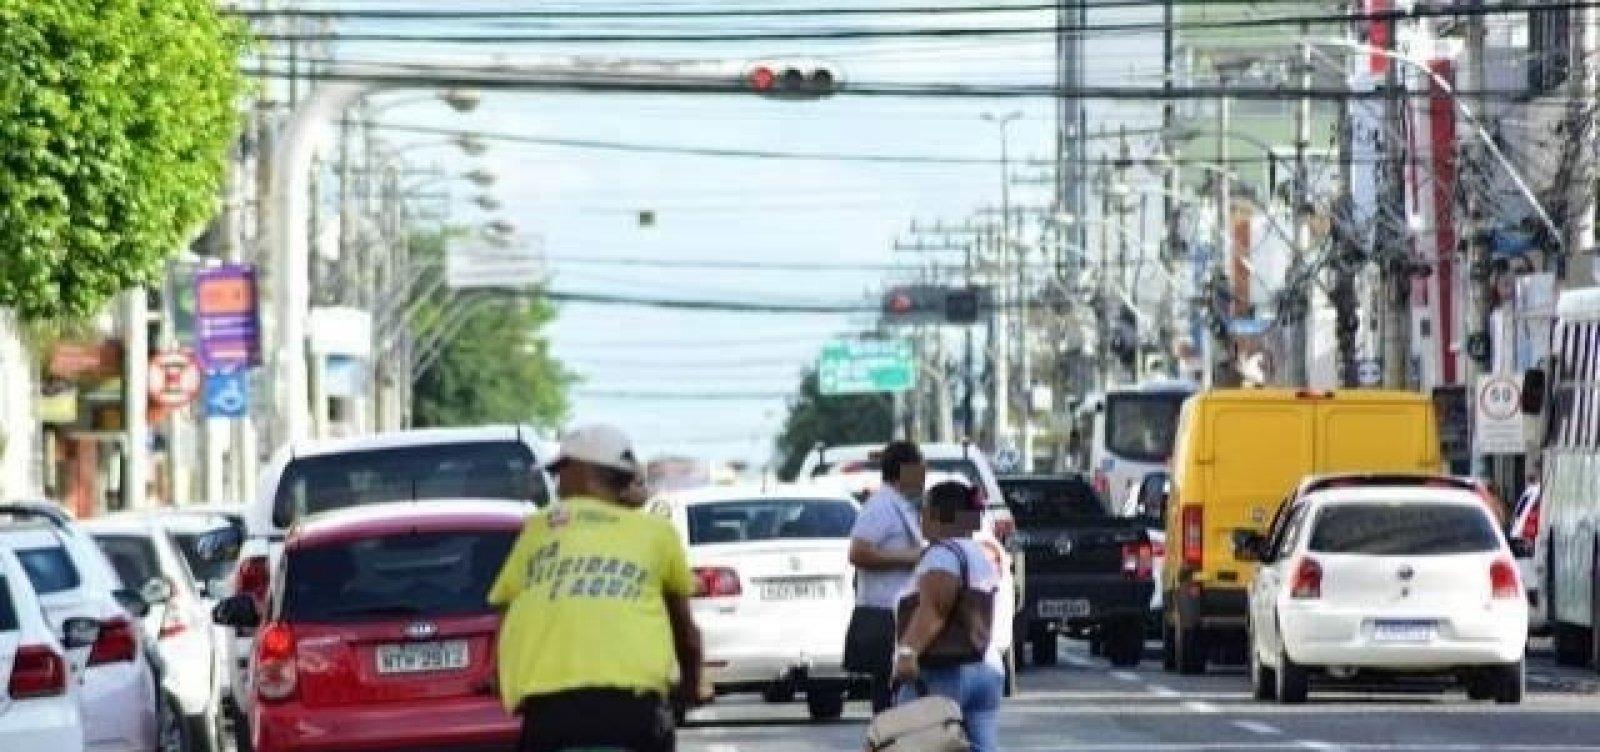 Bairros do Sim, Tomba e Mangueira registram maior número de infectados em Feira de Santana